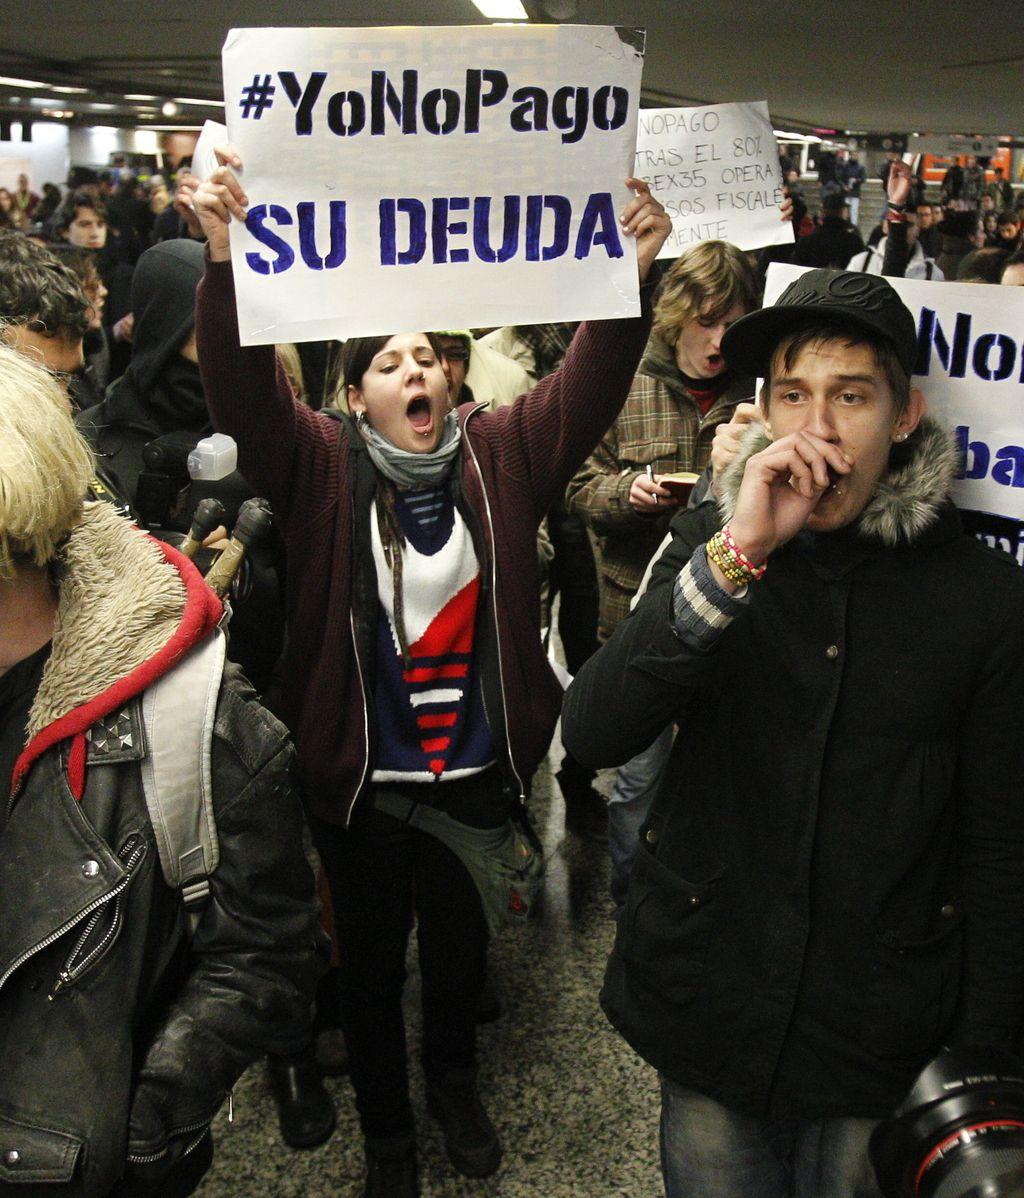 Cinco detenidos en las protestas por el movimiento 'Yo no pago' en Madrid